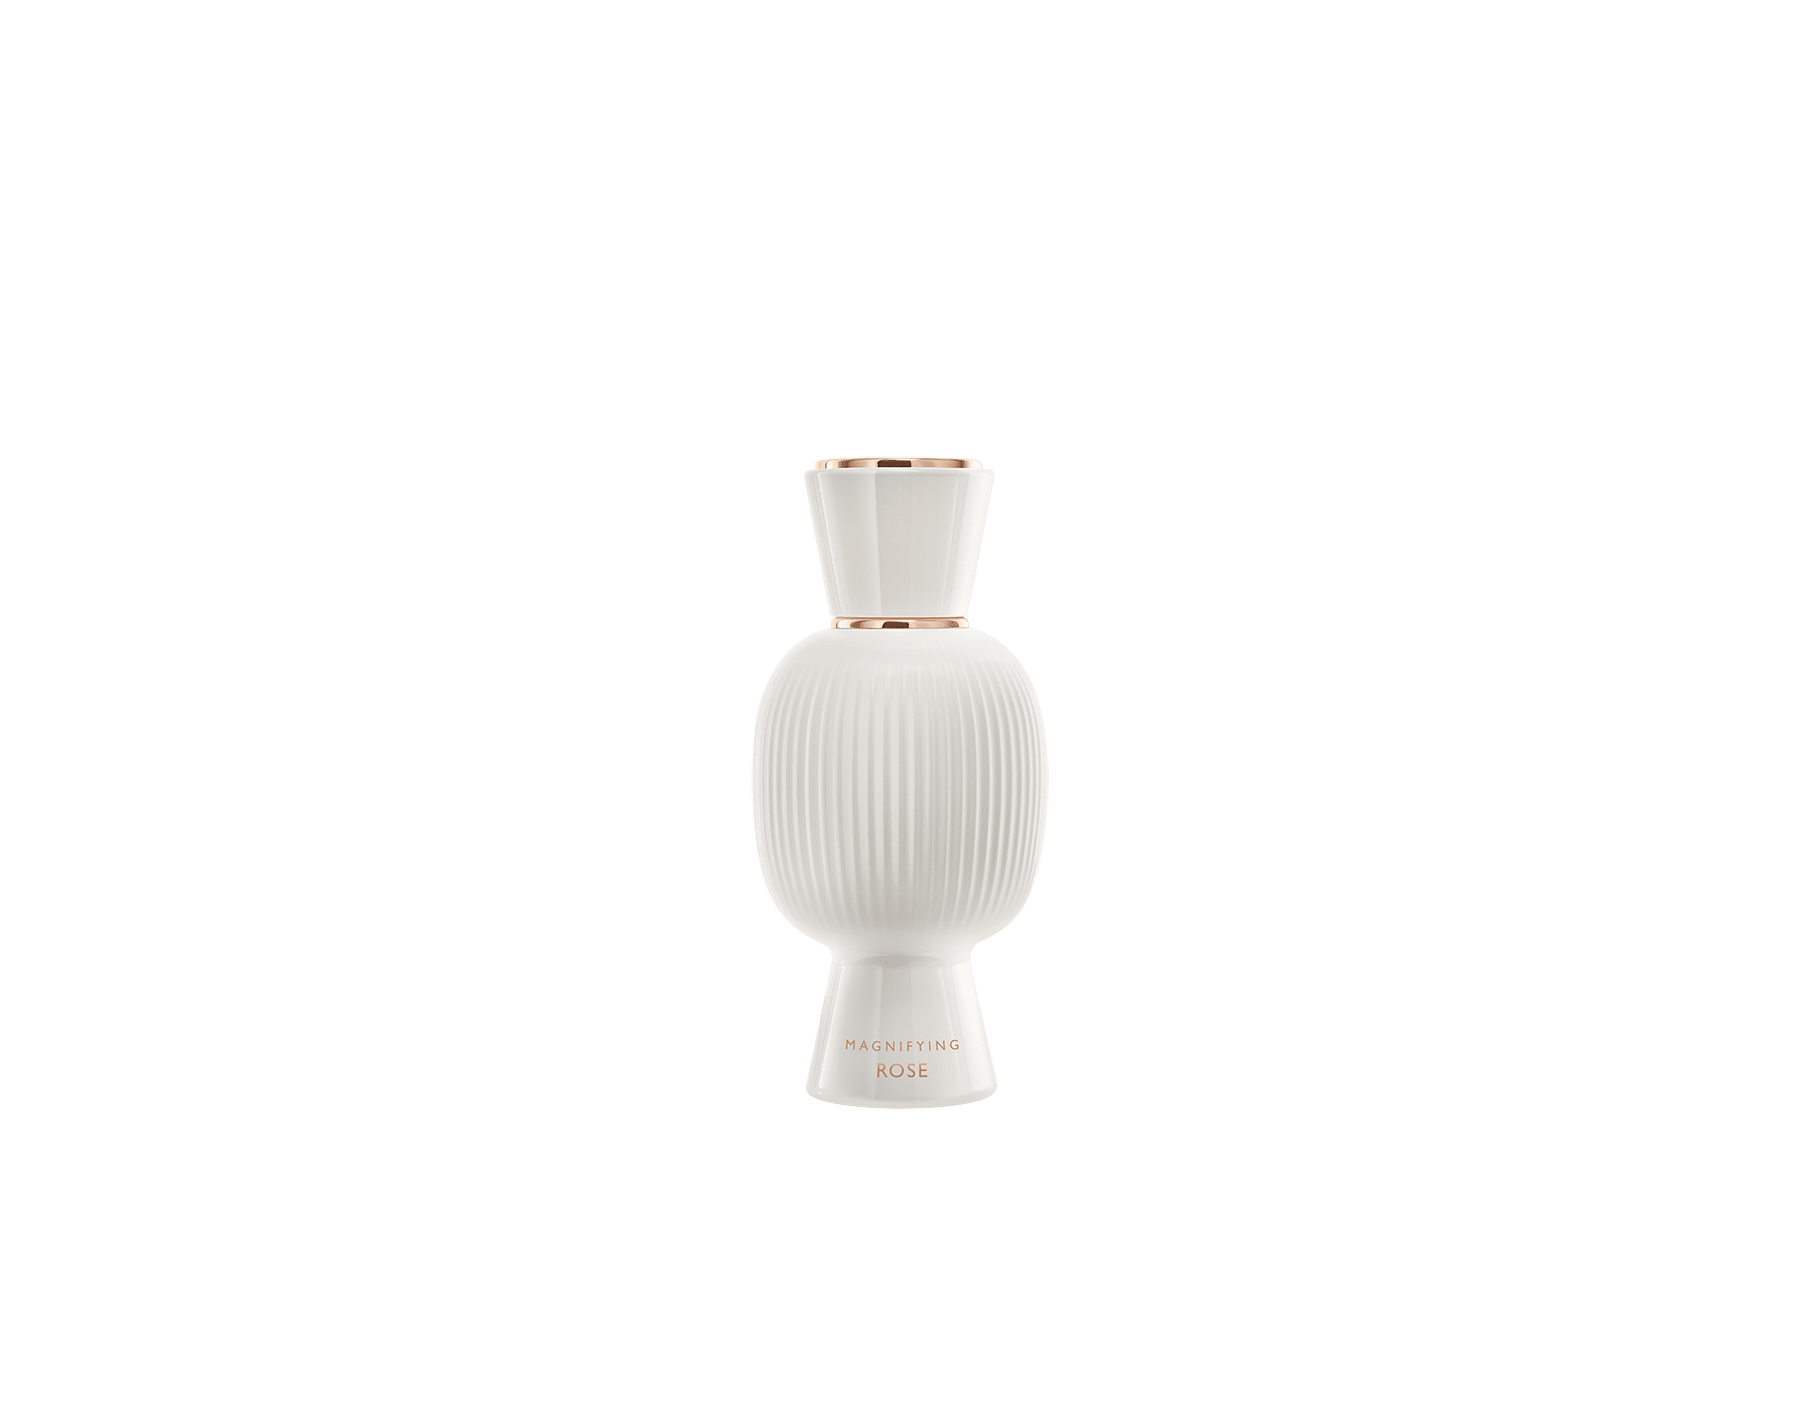 Una exclusiva combinación de perfumes, tan audaz y única como usted. El Eau de Parfum chipre festivo Fantasia Veneta de Allegra se combina con la aterciopelada y voluptuosa intensidad de la Magnifying Rose Essence, creando un irresistible perfume femenino personalizado. Perfume-Set-Fantasia-Veneta-Eau-de-Parfum-and-Rose-Magnifying image 3